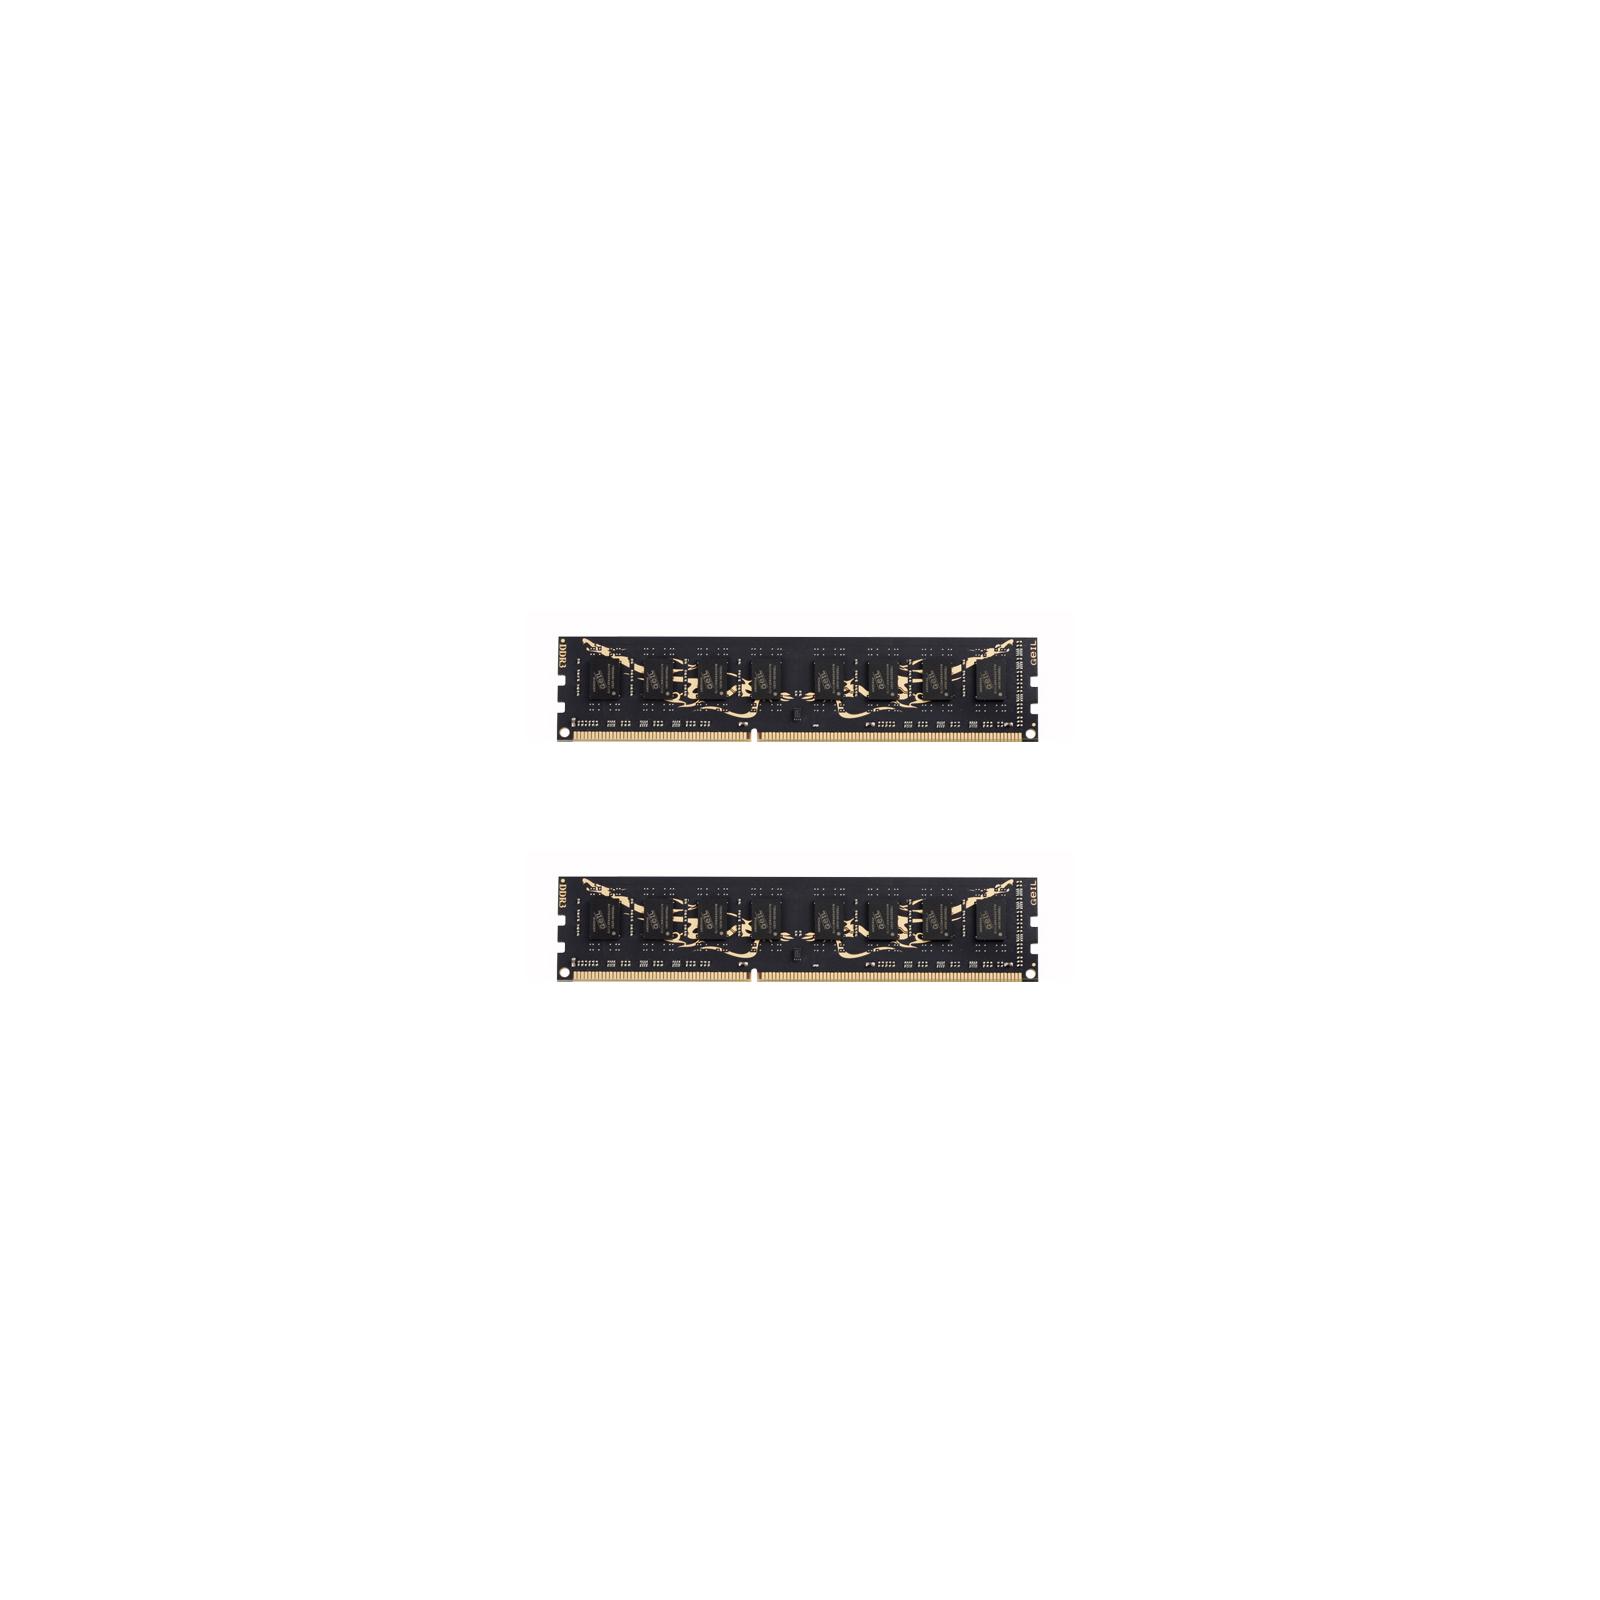 Модуль памяти для компьютера DDR3 16GB (2x8GB) 1333 MHz GEIL (GD316GB1333C9DC)